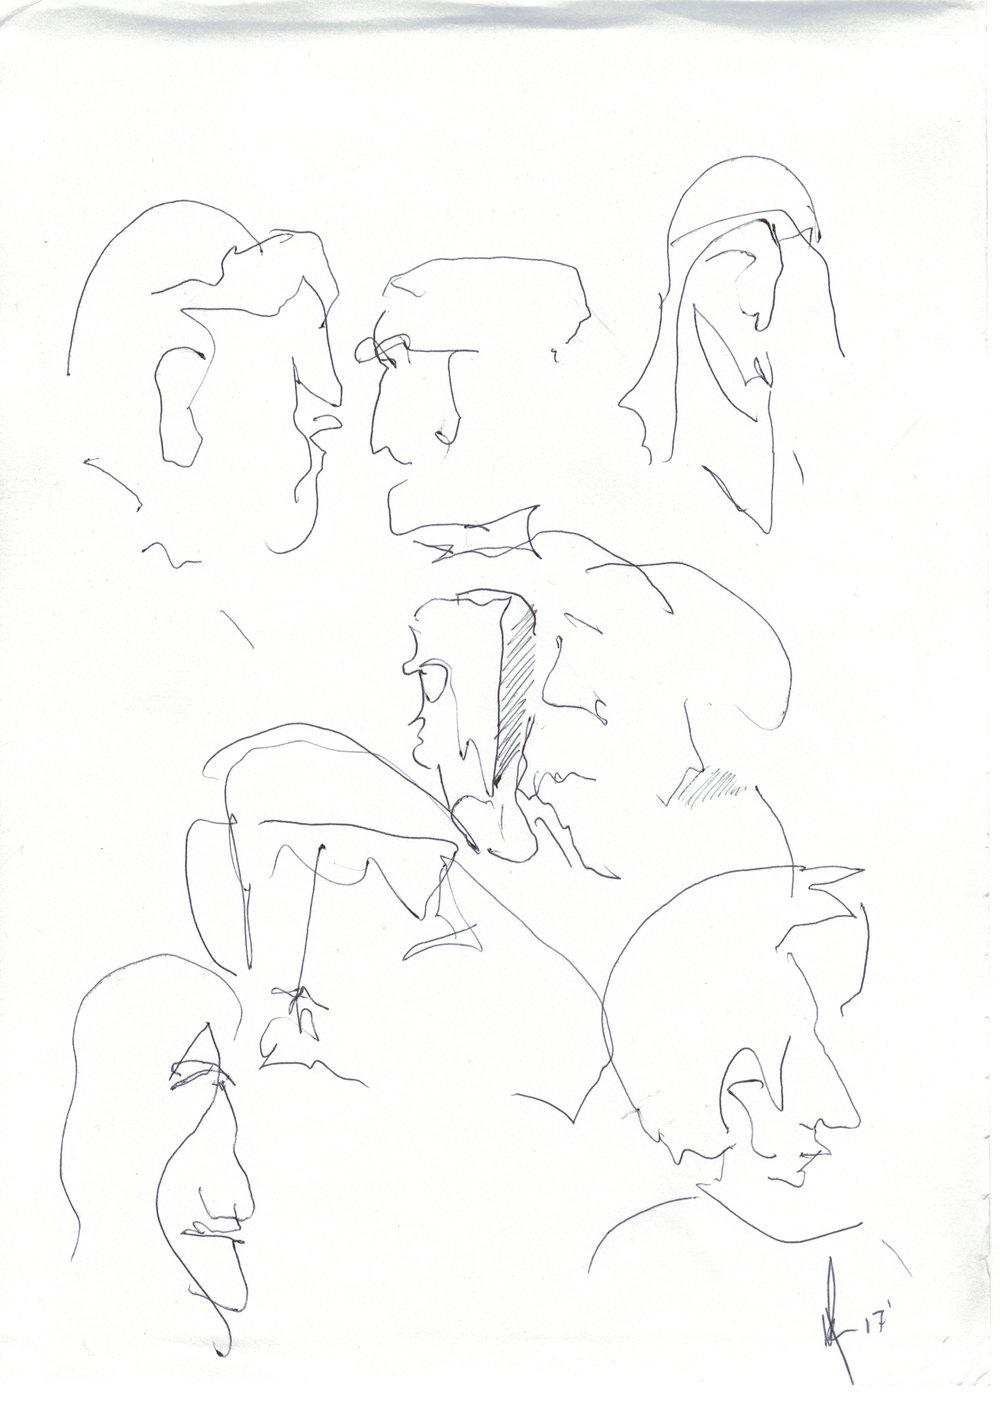 Pfau_AntarcticaBiennale_Drawing.jpg